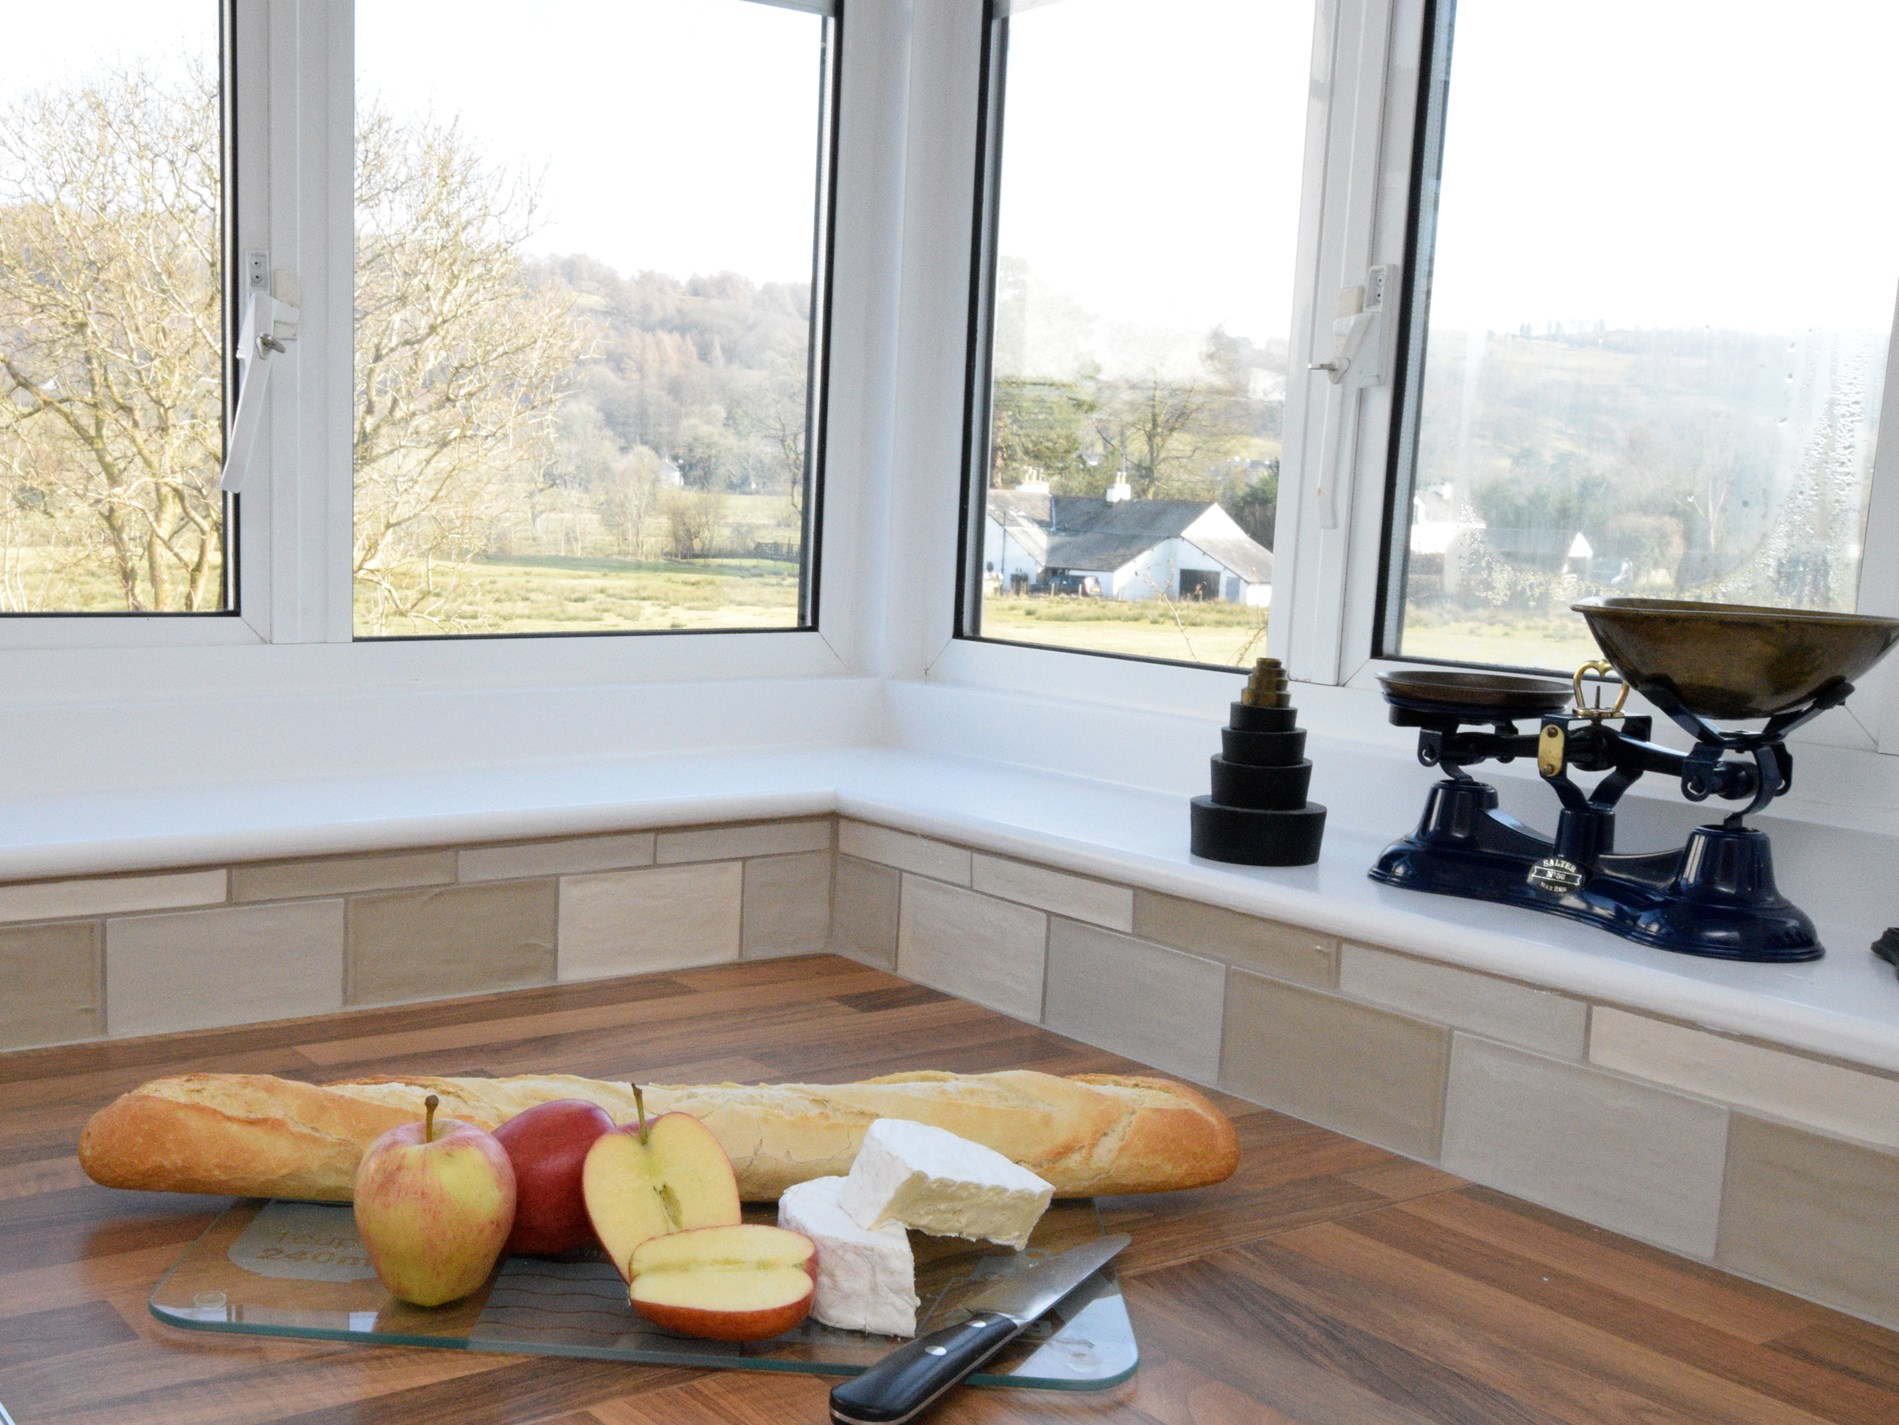 3 Bedroom House in Cumbria, Scottish Borders